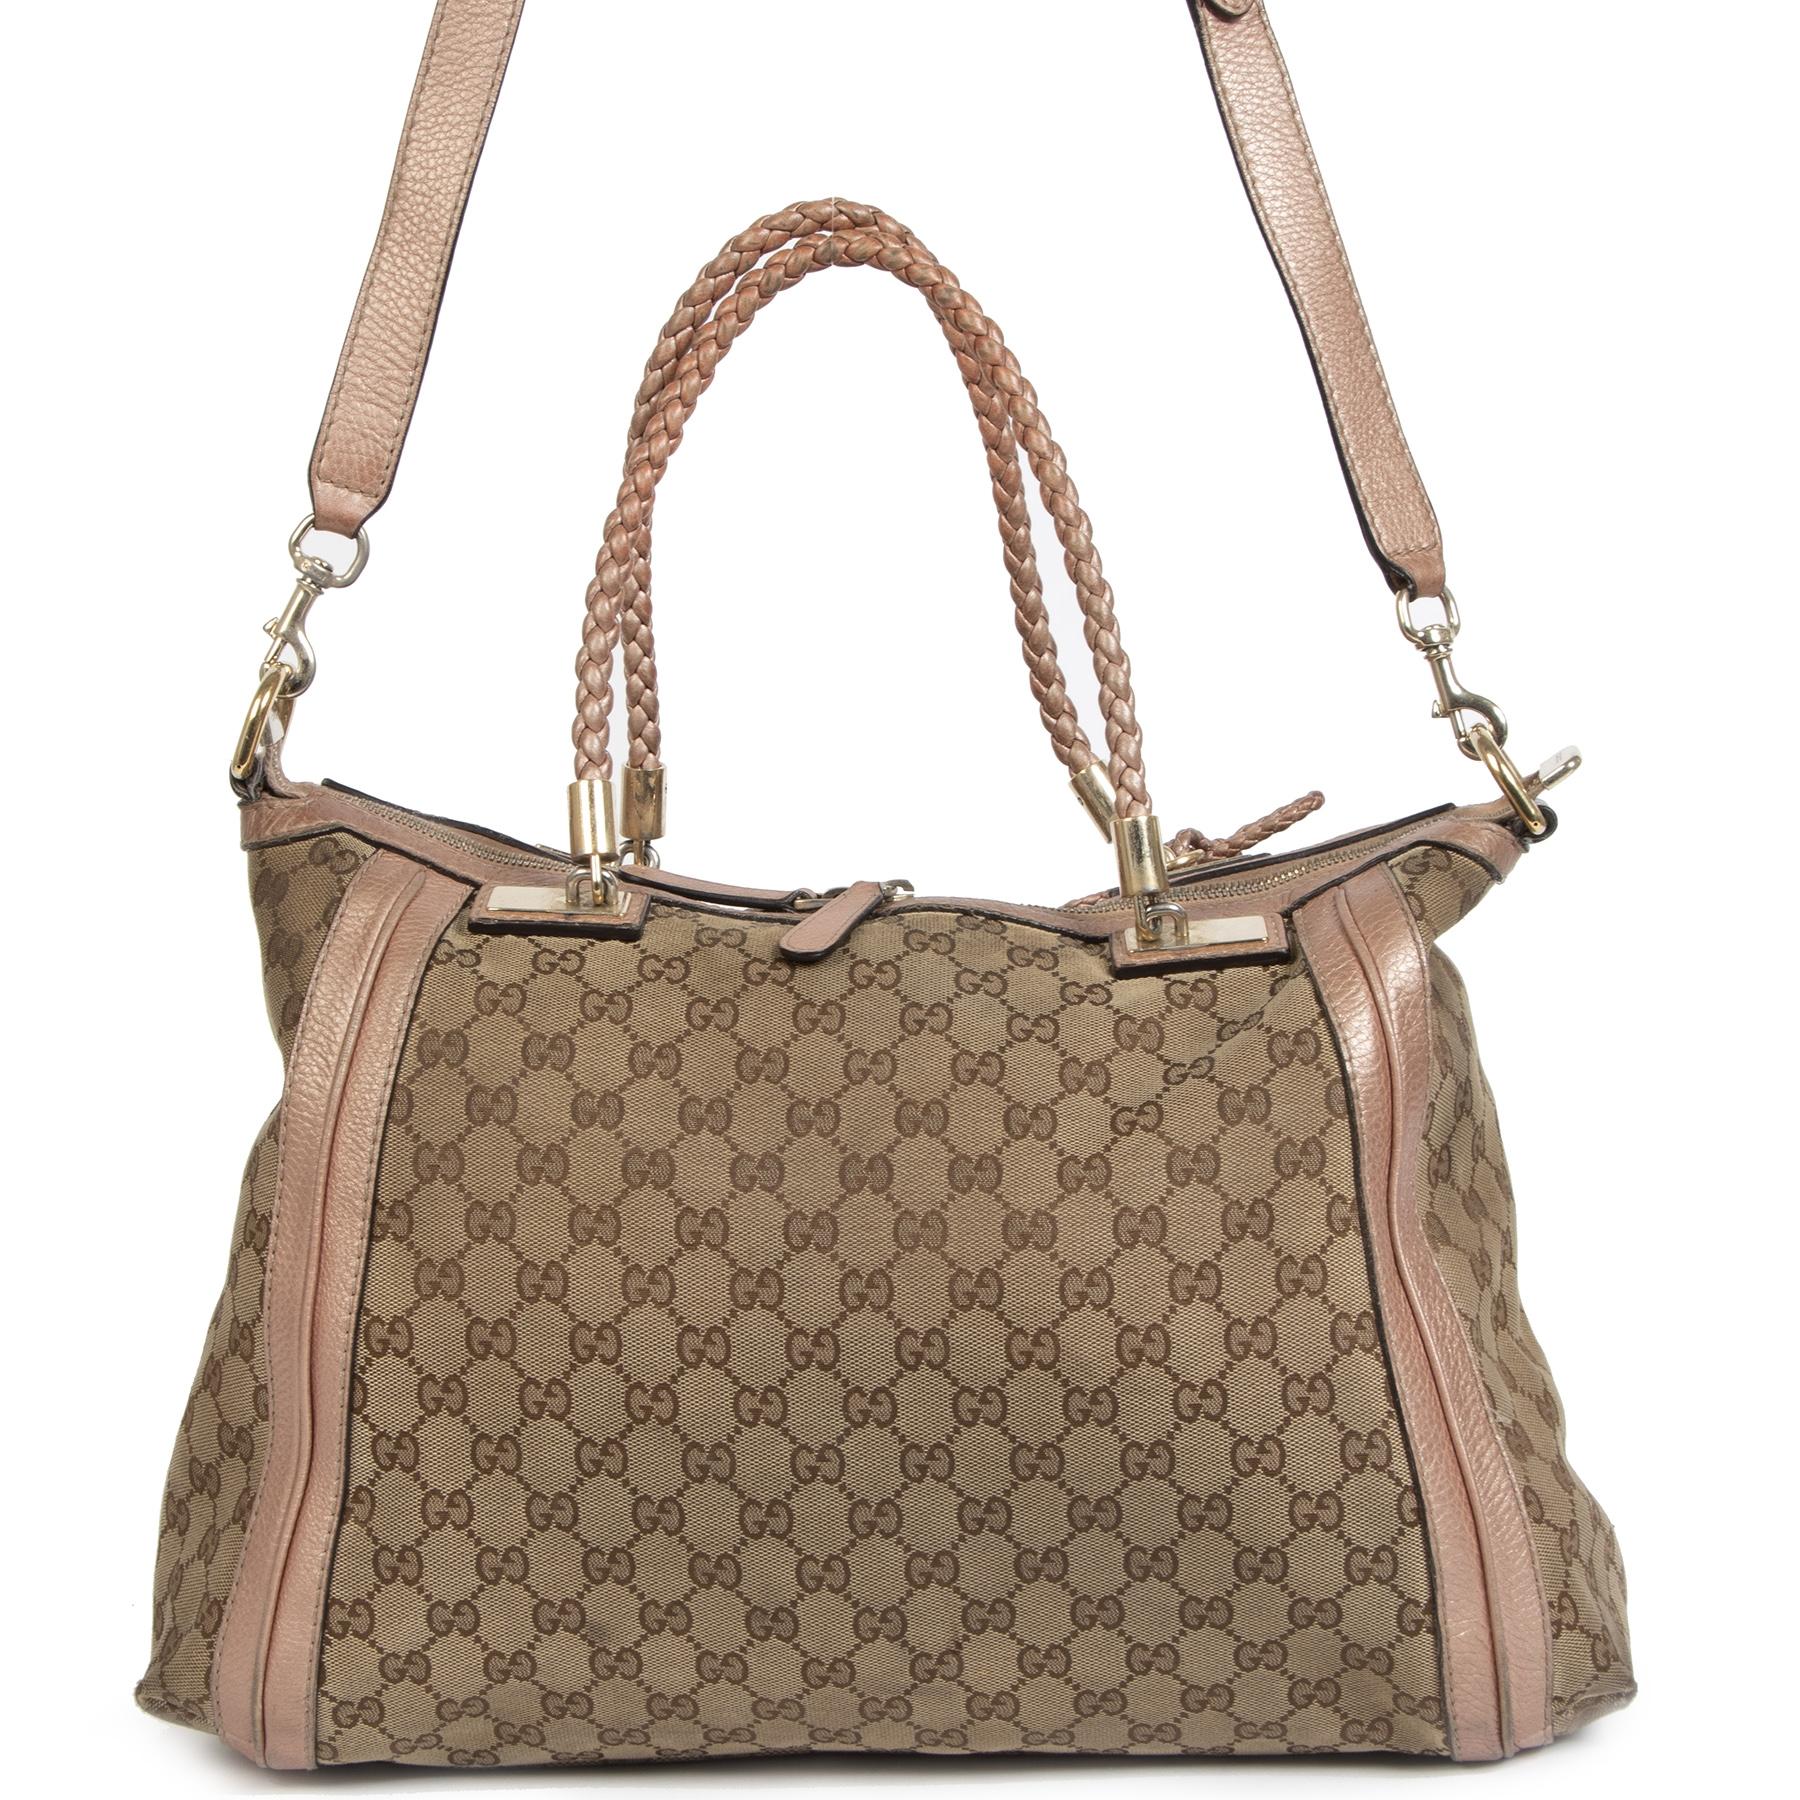 Koop en verkoop uw authentieke Gucci GG Canvas Bella Tote Satchel Bag